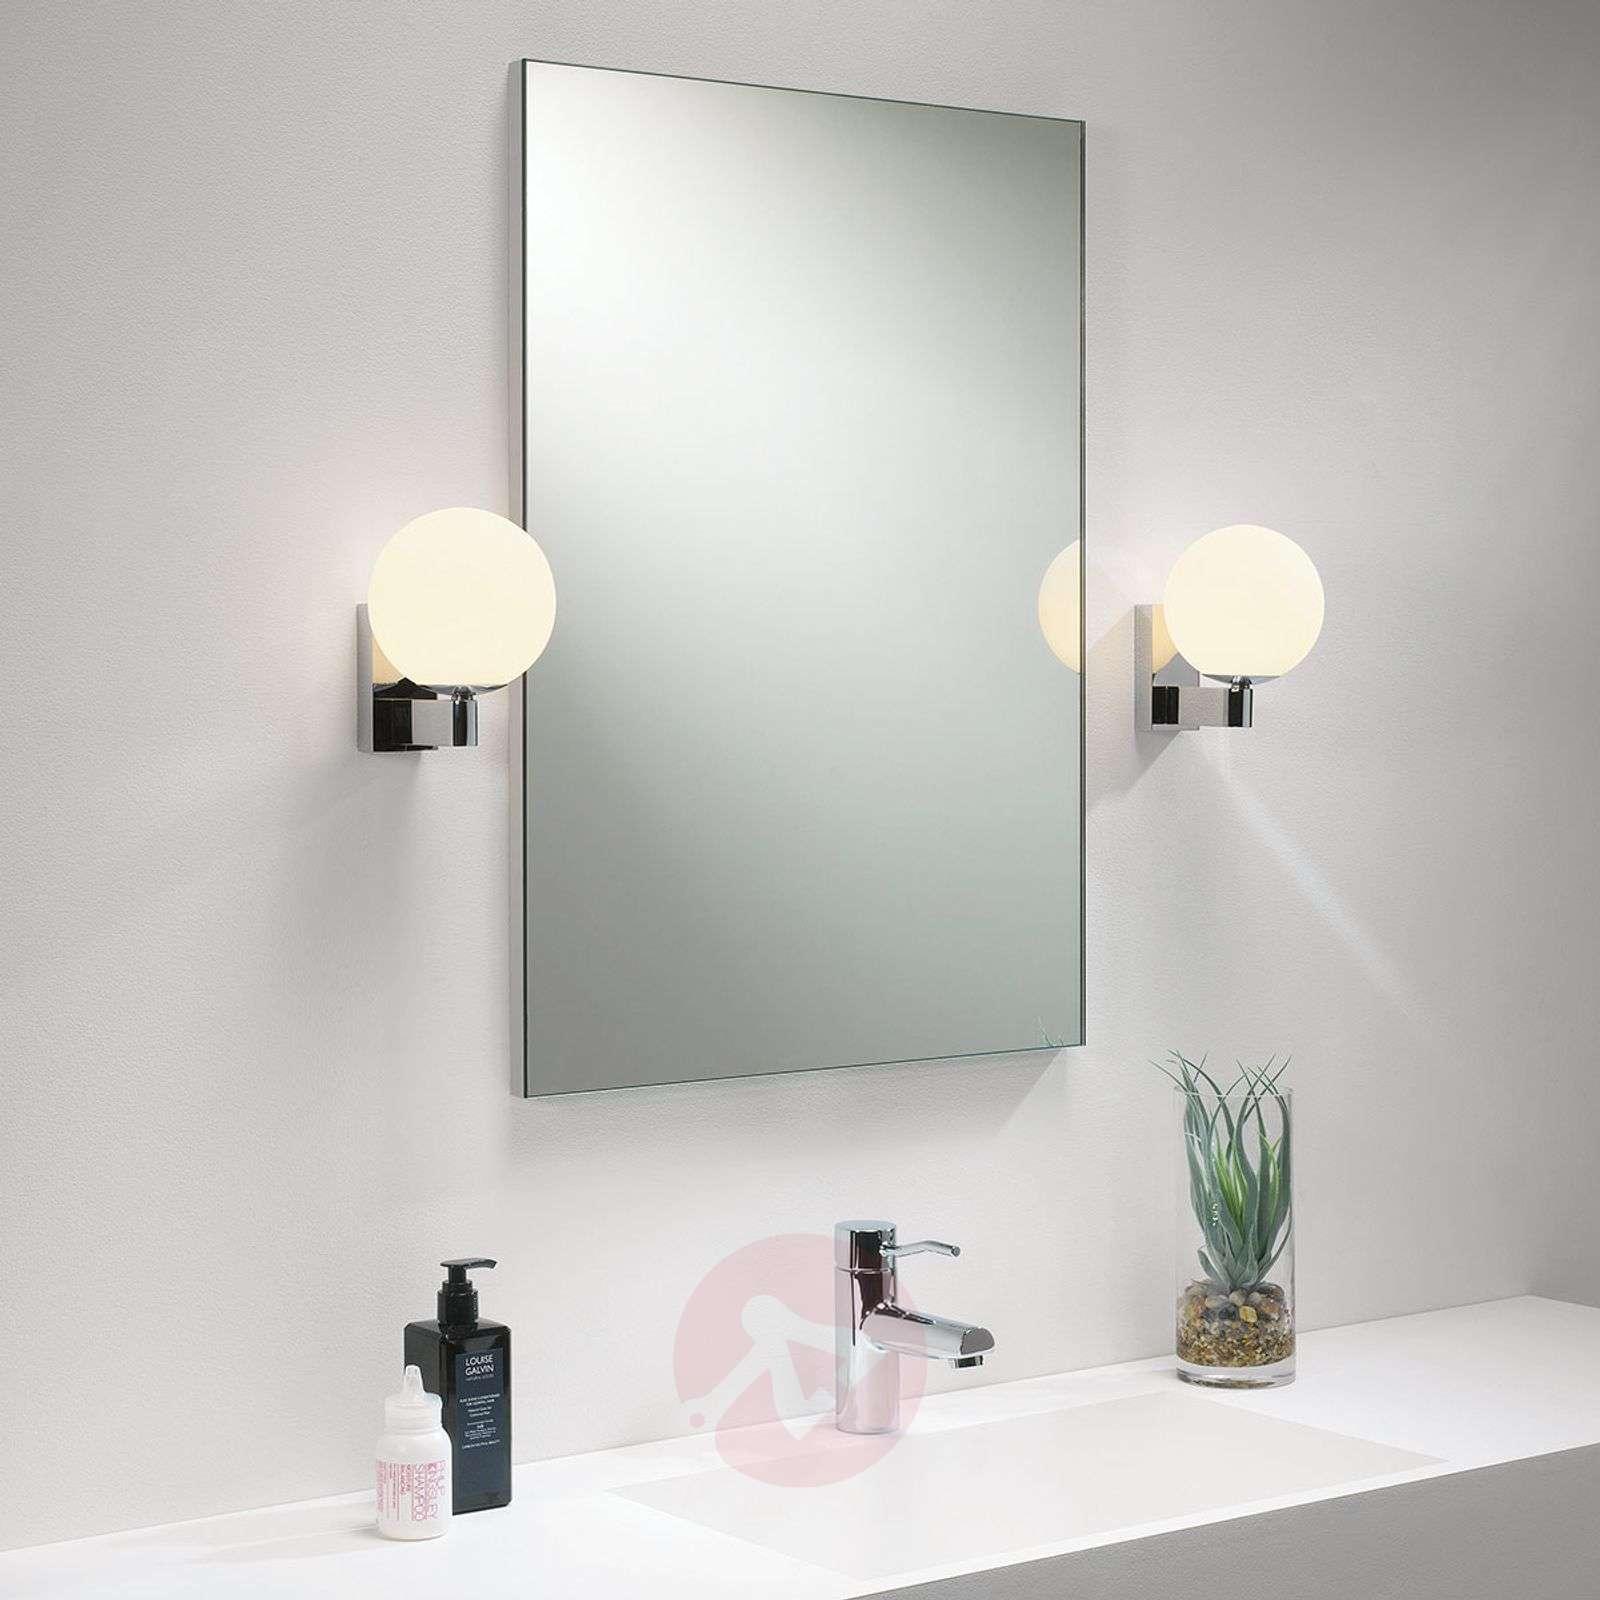 Elegantti Sagara-kylpyhuone-seinävalaisin-1020002-02